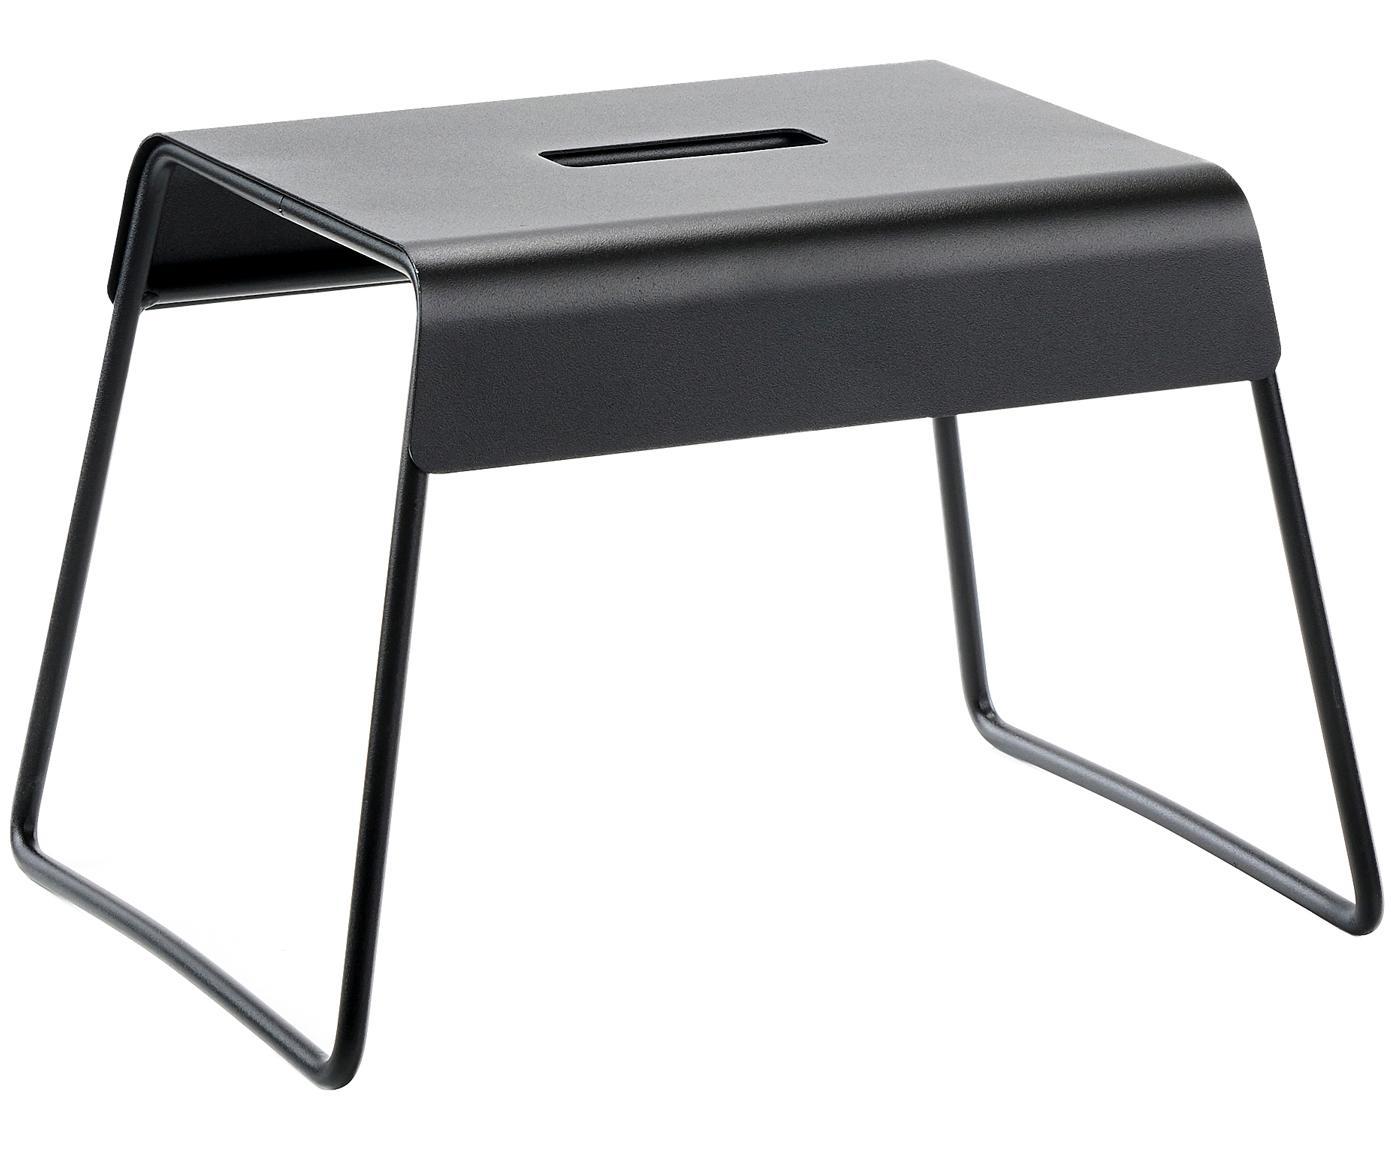 Stołek z metalu Aguina, Stal lakierowana, Czarny, S 39 x W 28 cm